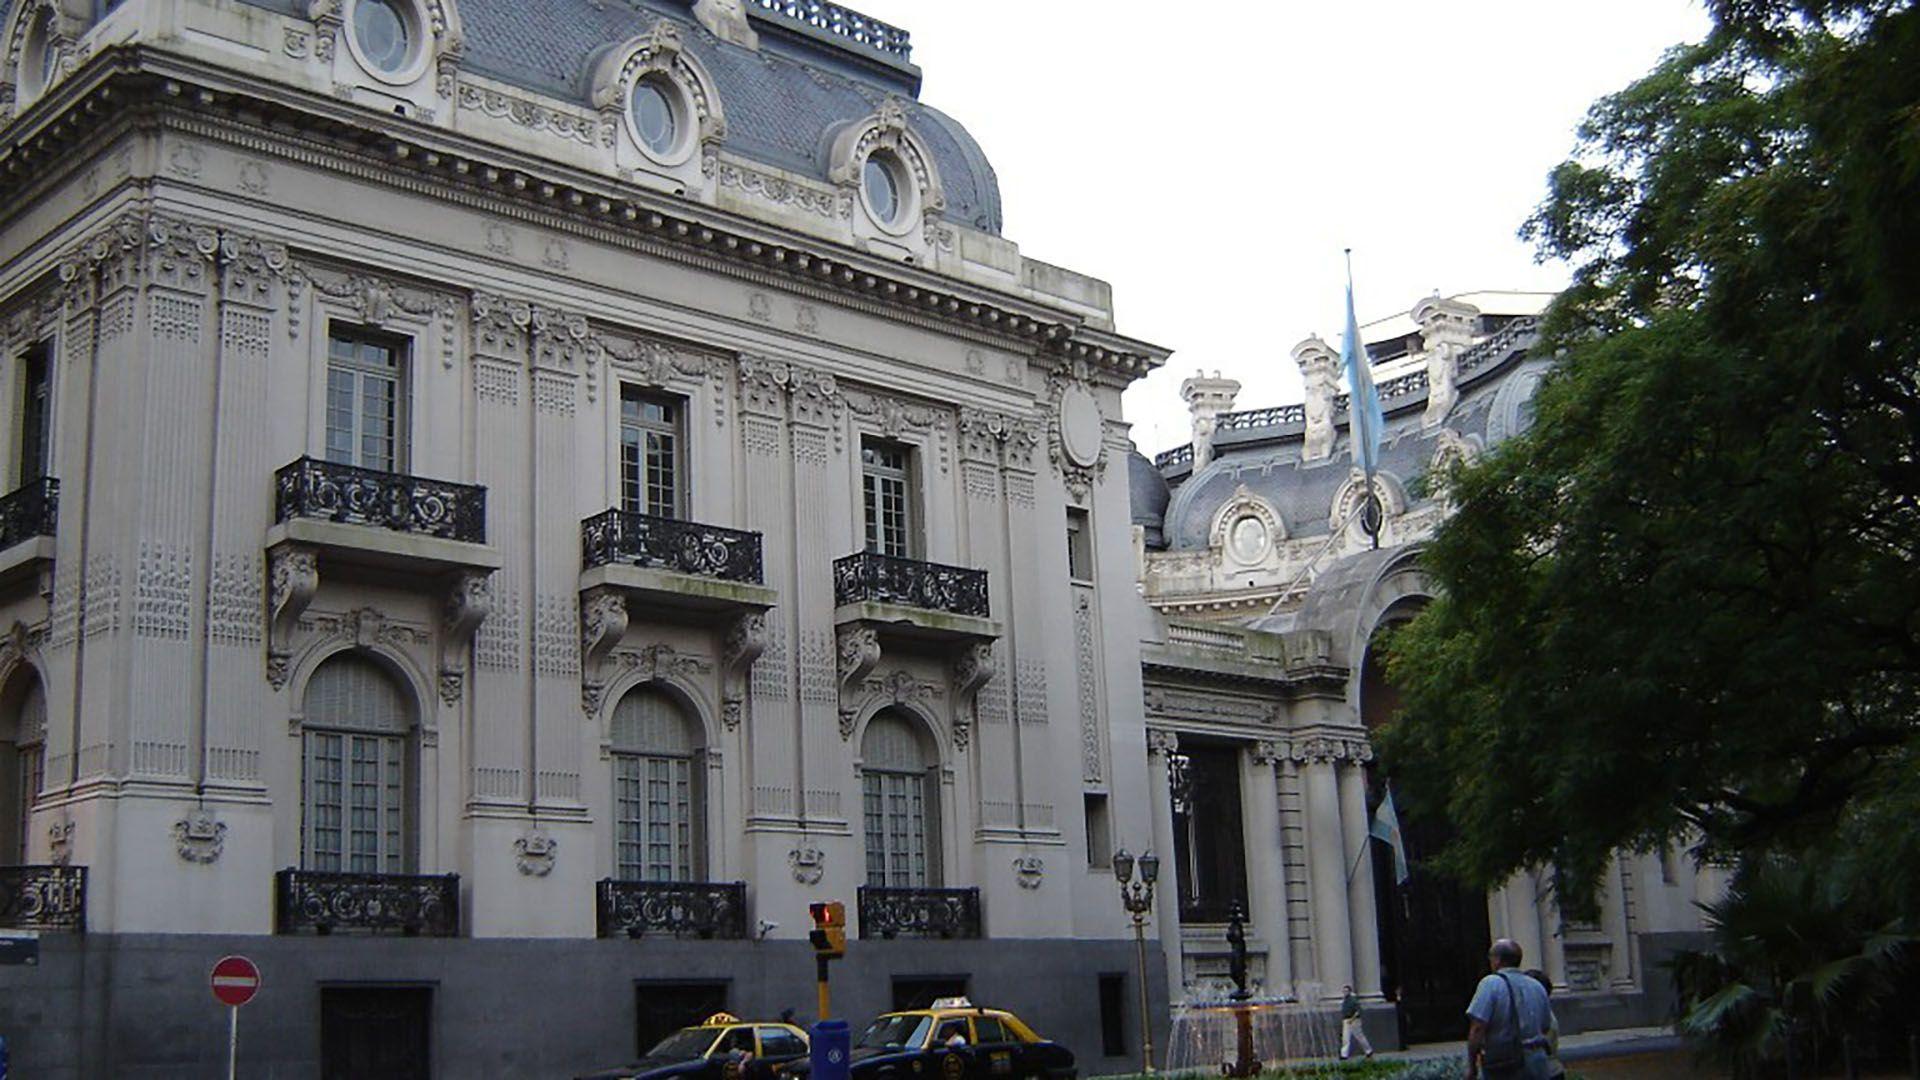 El Palacio Anchorena fue constuido entre 1905 y 1909. En 1936 fue adquirido por el Estado Argentino y pasó a ser la sede del Ministerio de Relaciones Exteriores y Culto. Pasó a denominarse Palacio San Martín